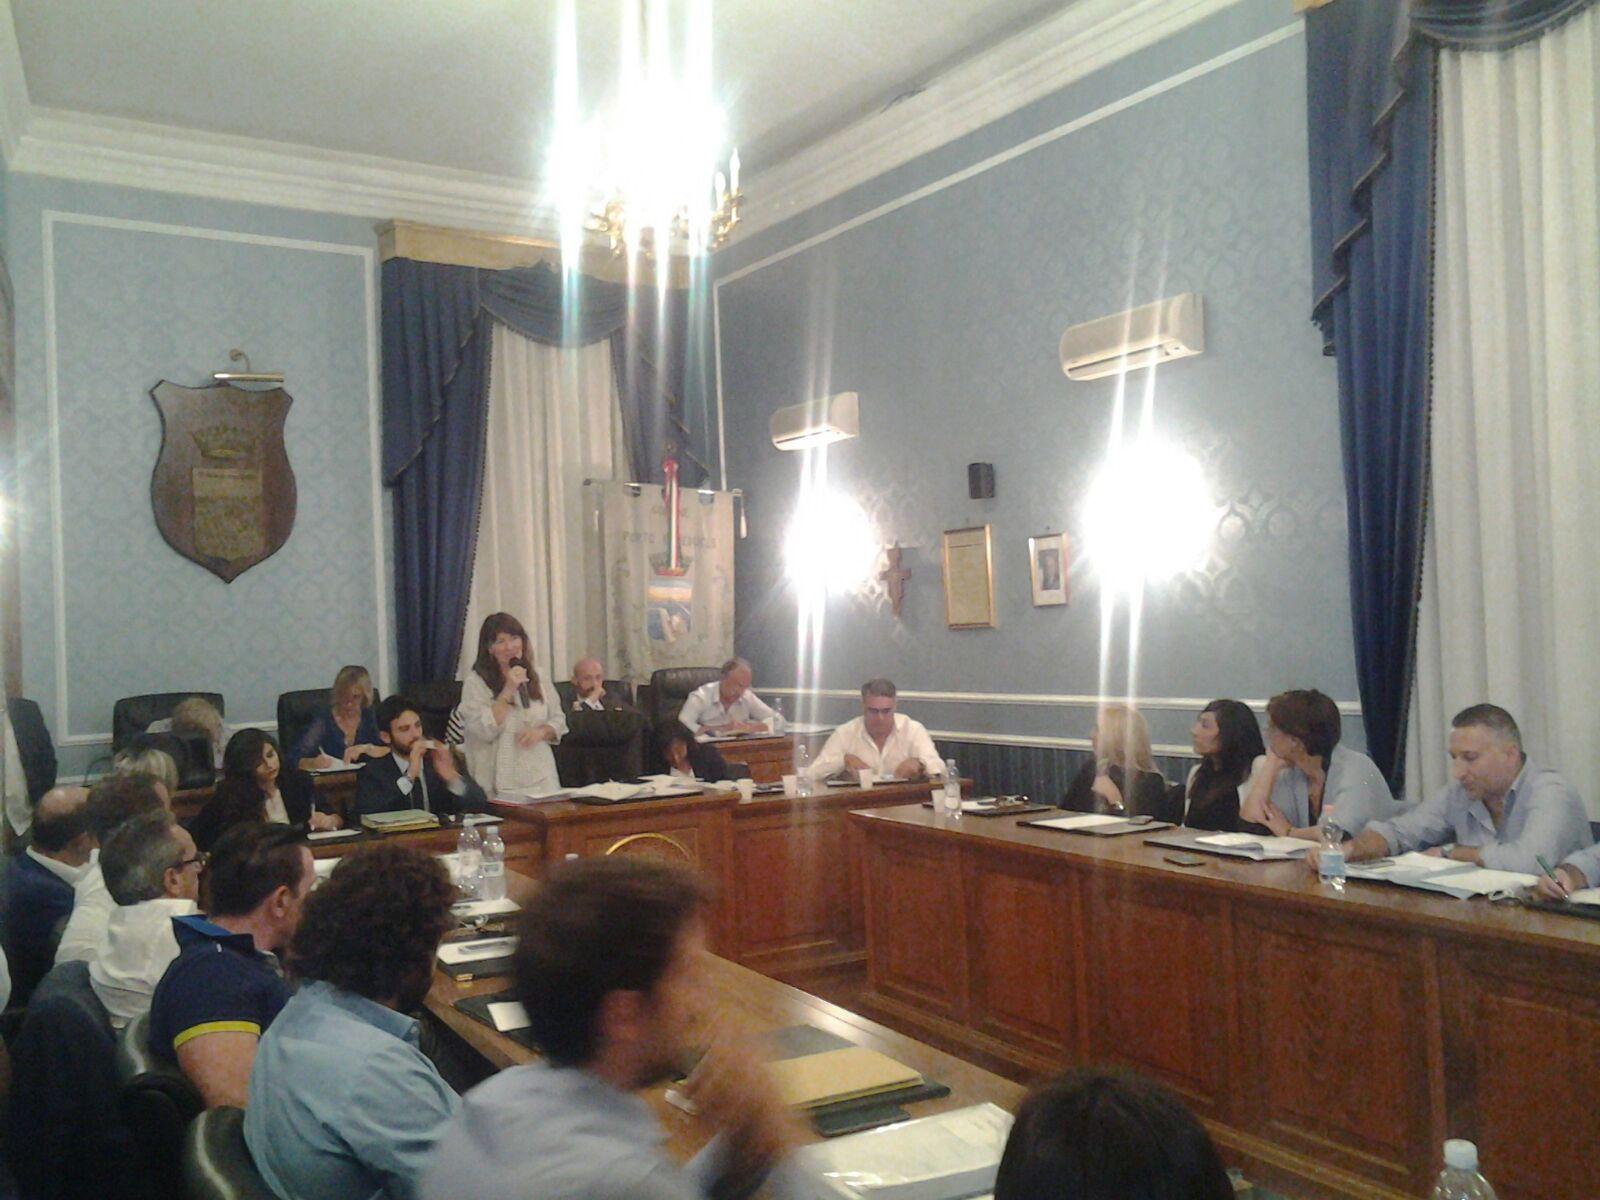 Consiglio comunale Porto Empedocle: la replica di Forza Italia e Città Nuova